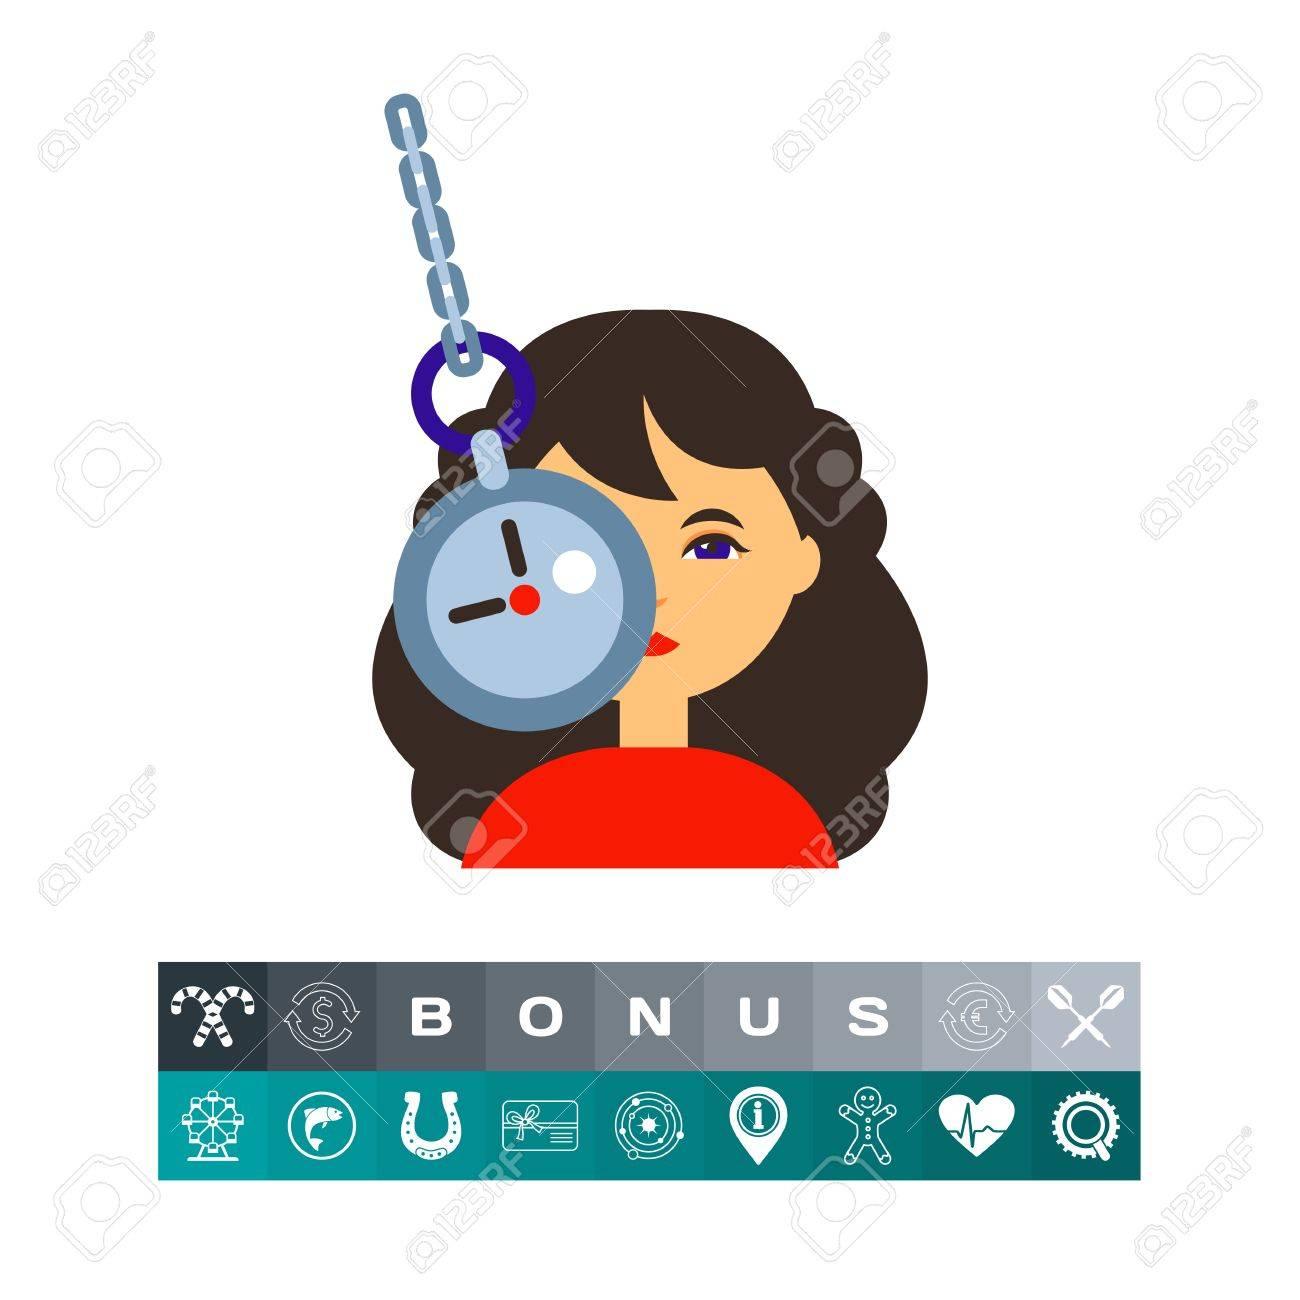 Del MentalManipulaciónConcepto Ilustración PsicoanálisisPuede Reloj Carácter De La HipnosisTerapia En Y CadenaMujer Bajo Femenino 9eE2bHIYWD